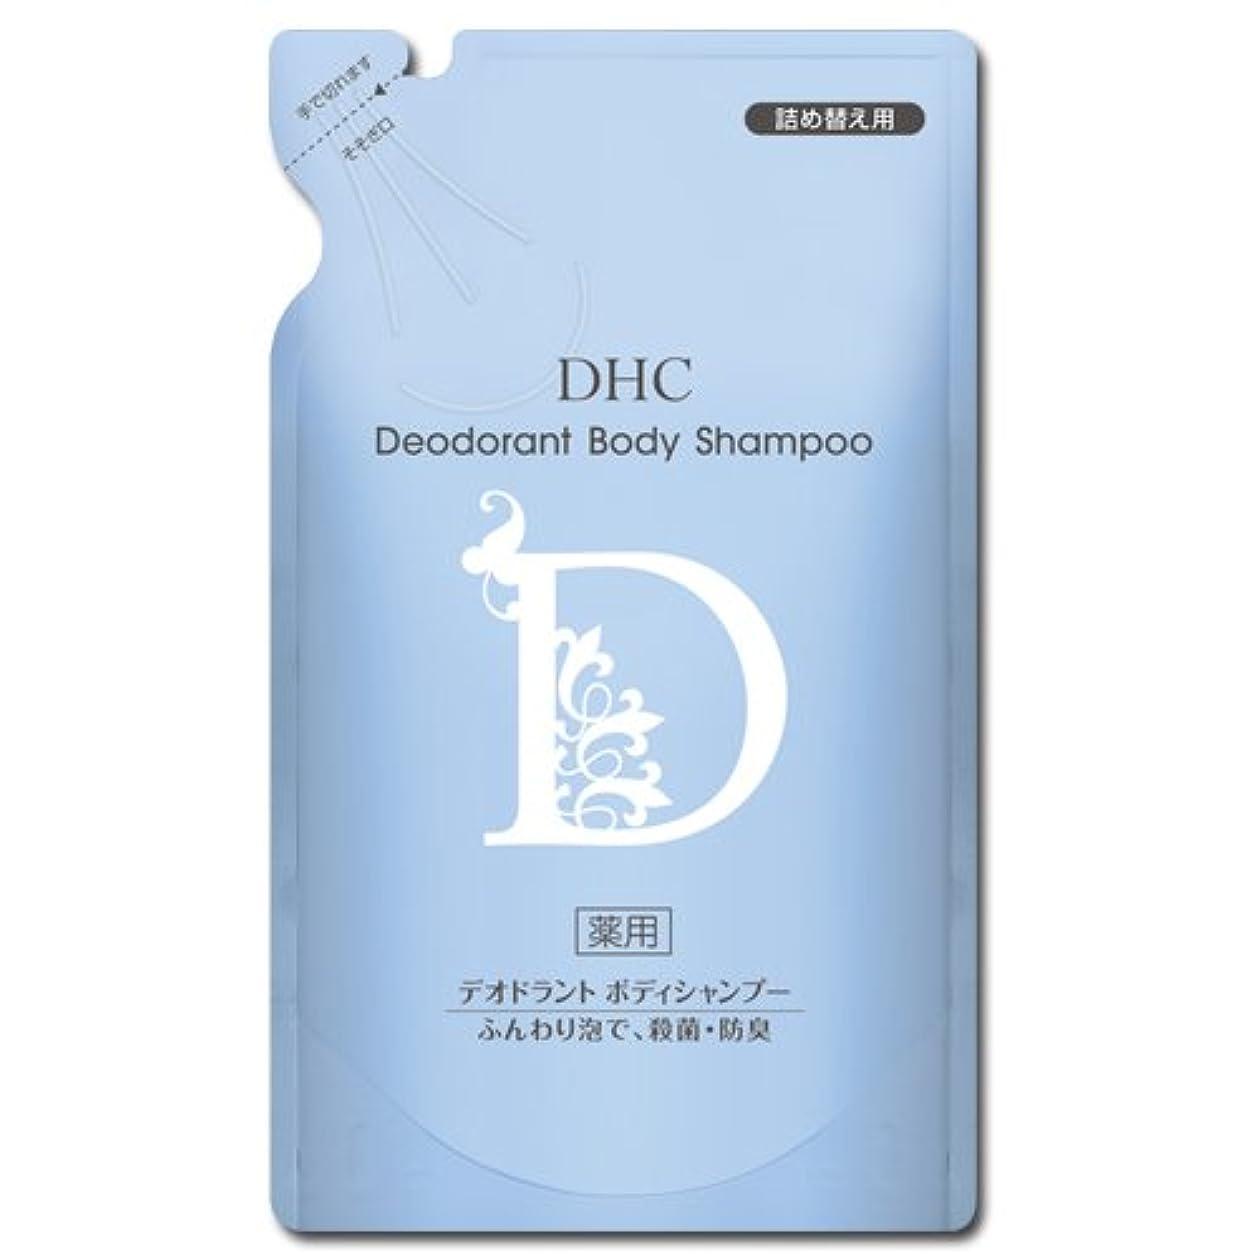 しかし非常に落花生【医薬部外品】DHC薬用デオドラント ボディシャンプー 詰め替え用